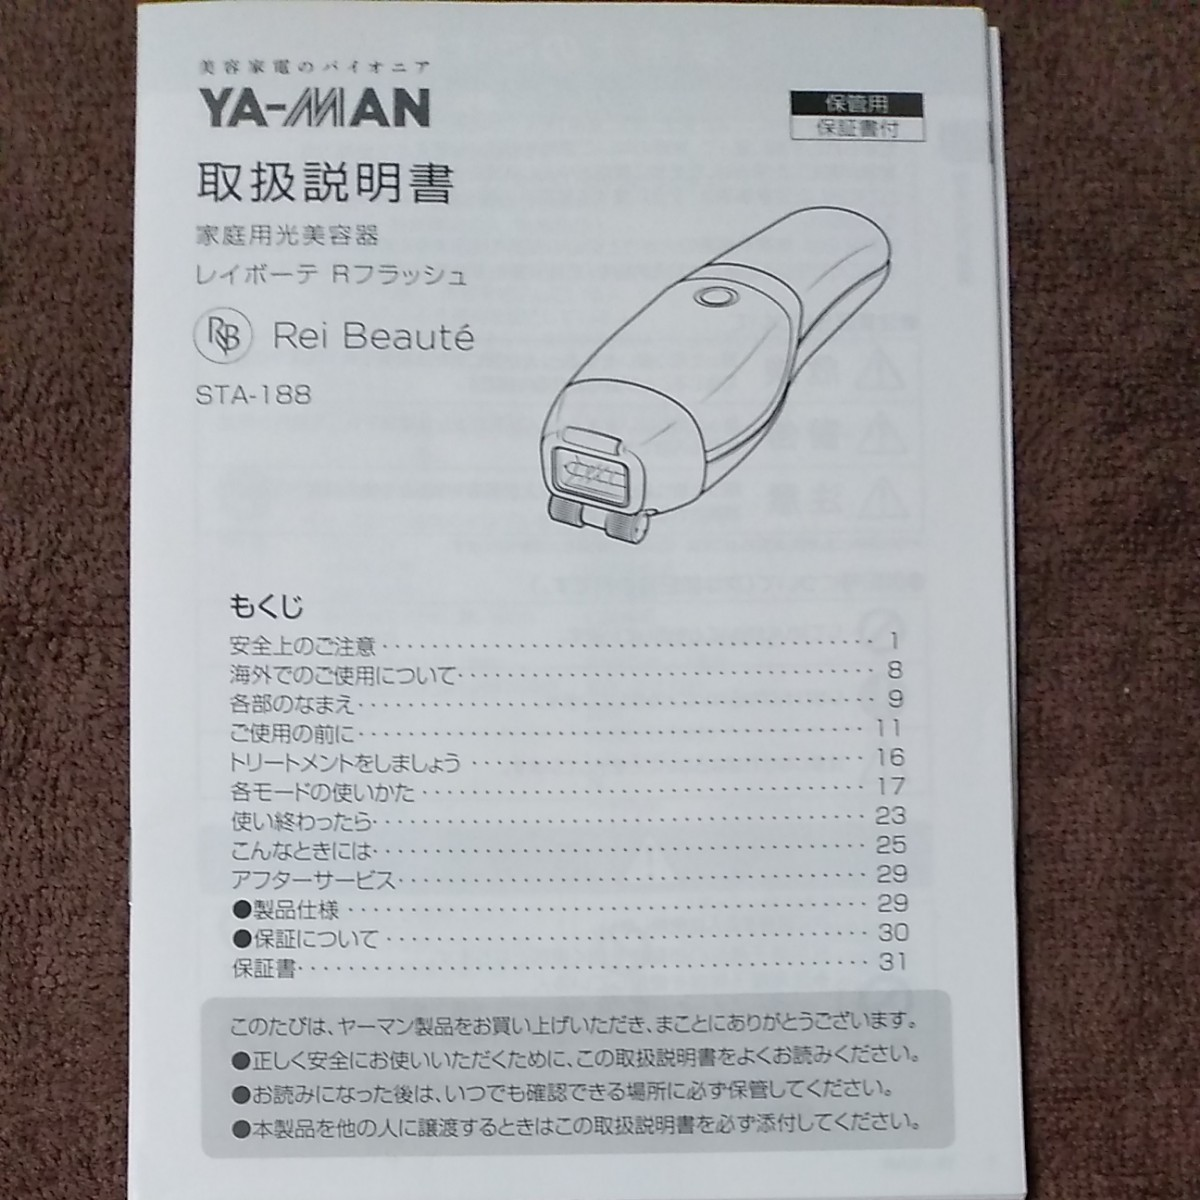 レイボーテR フラッシュ ヤーマン 家庭用 光美容器